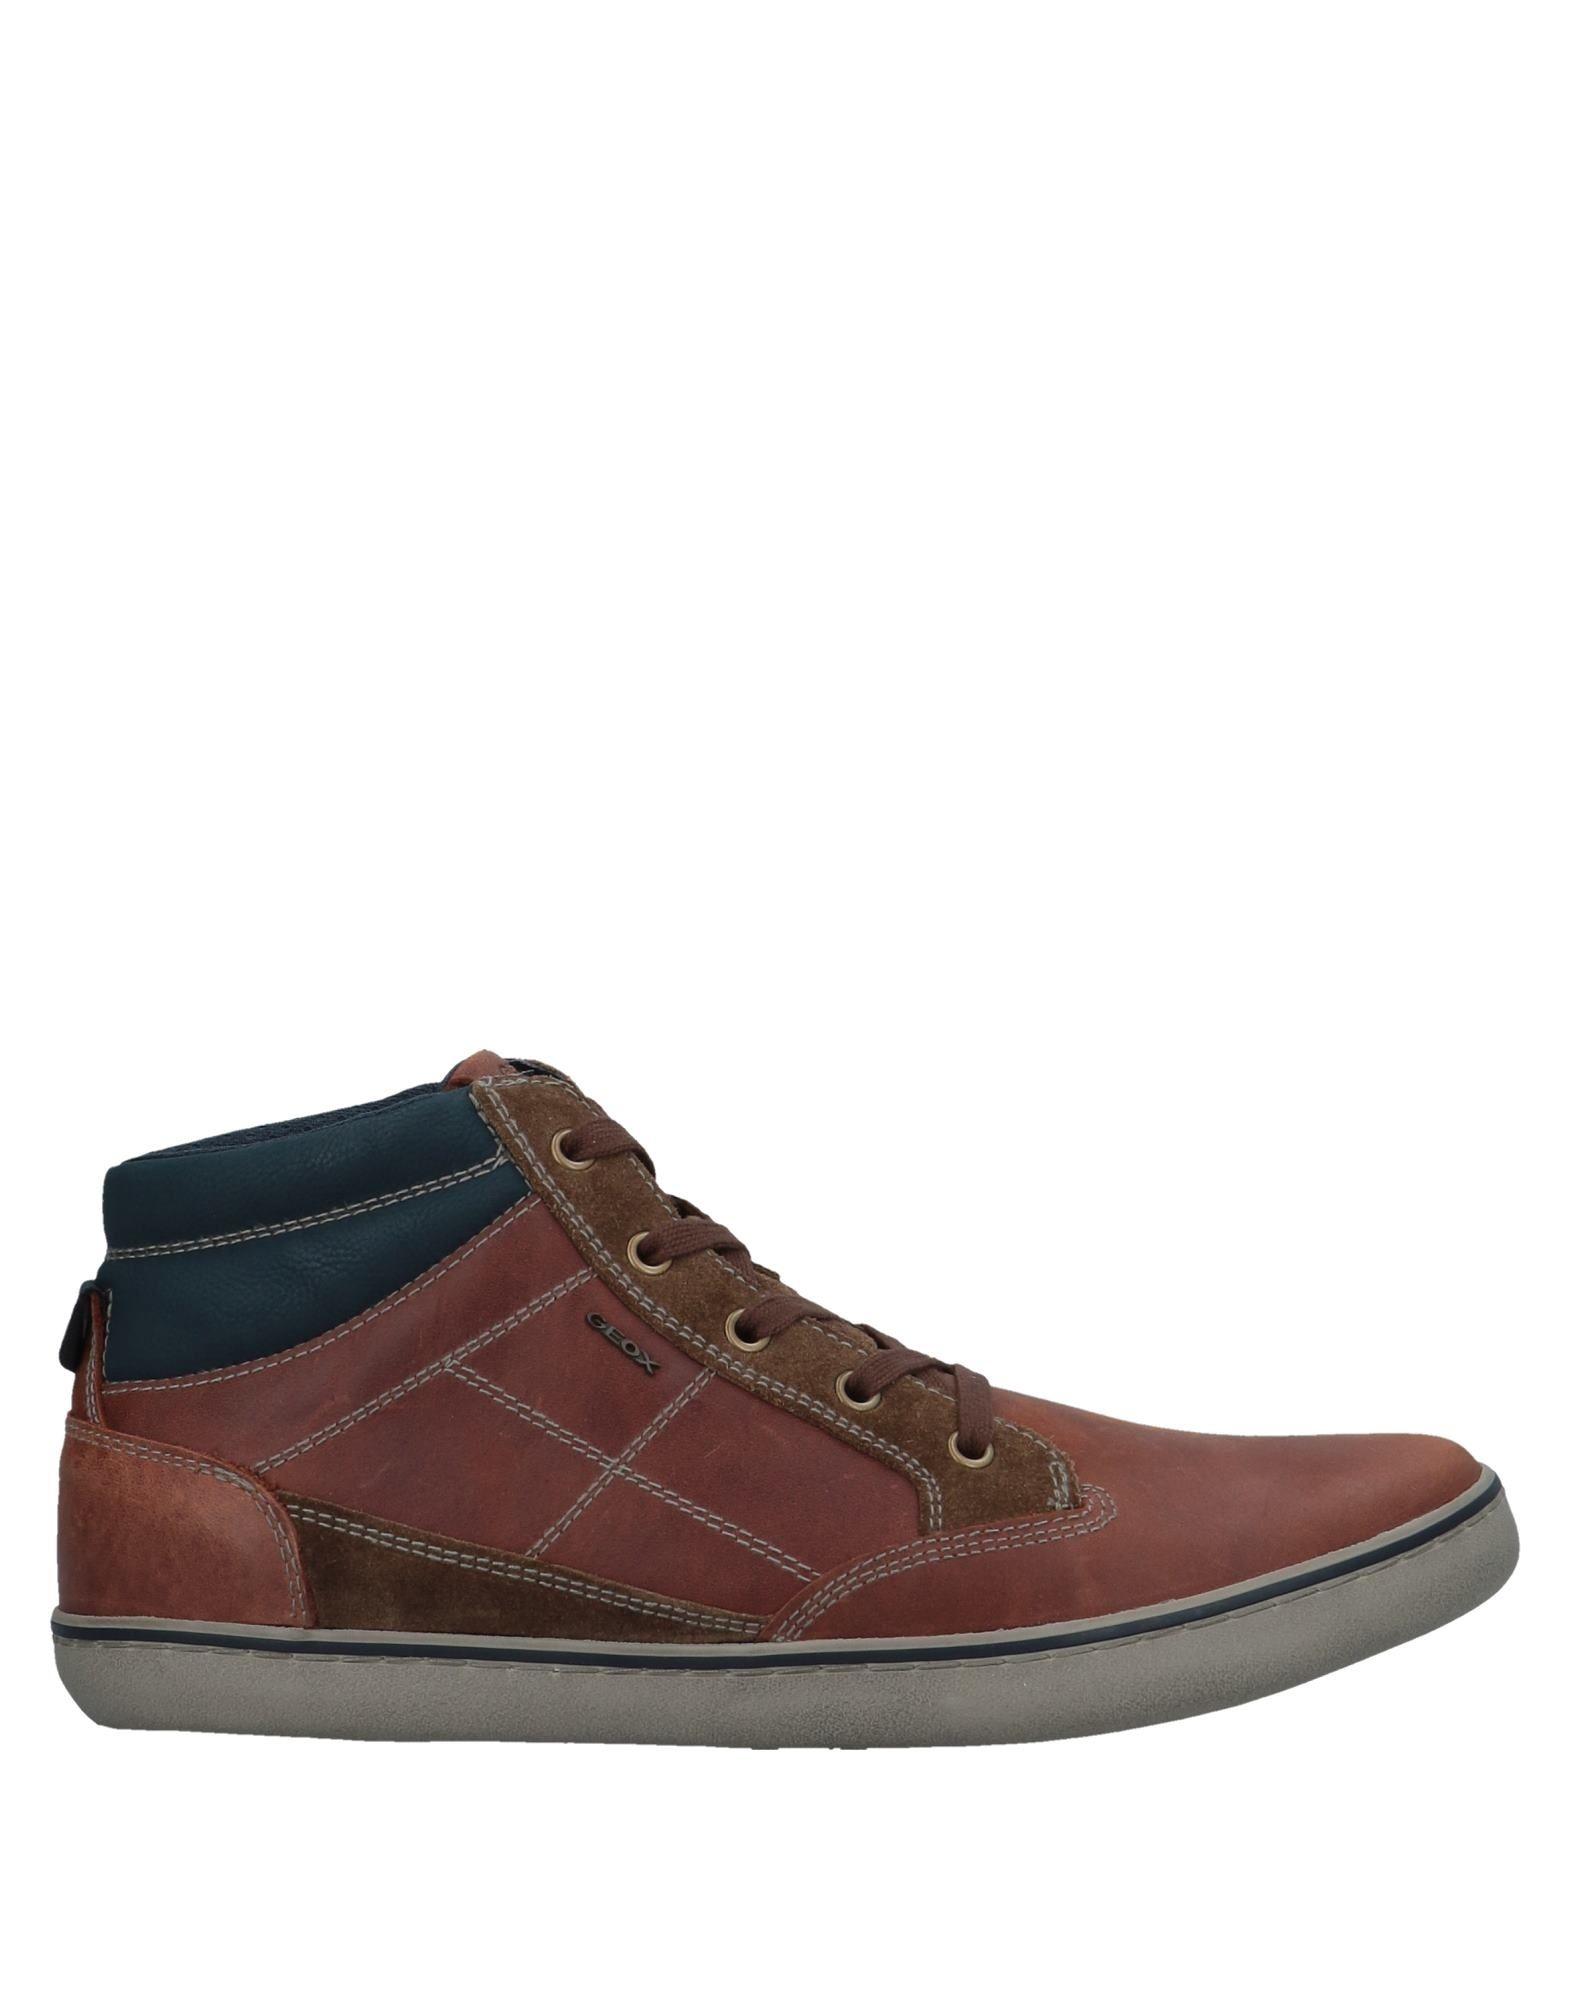 Rabatt echte Schuhe Geox Sneakers Herren  11539448AJ